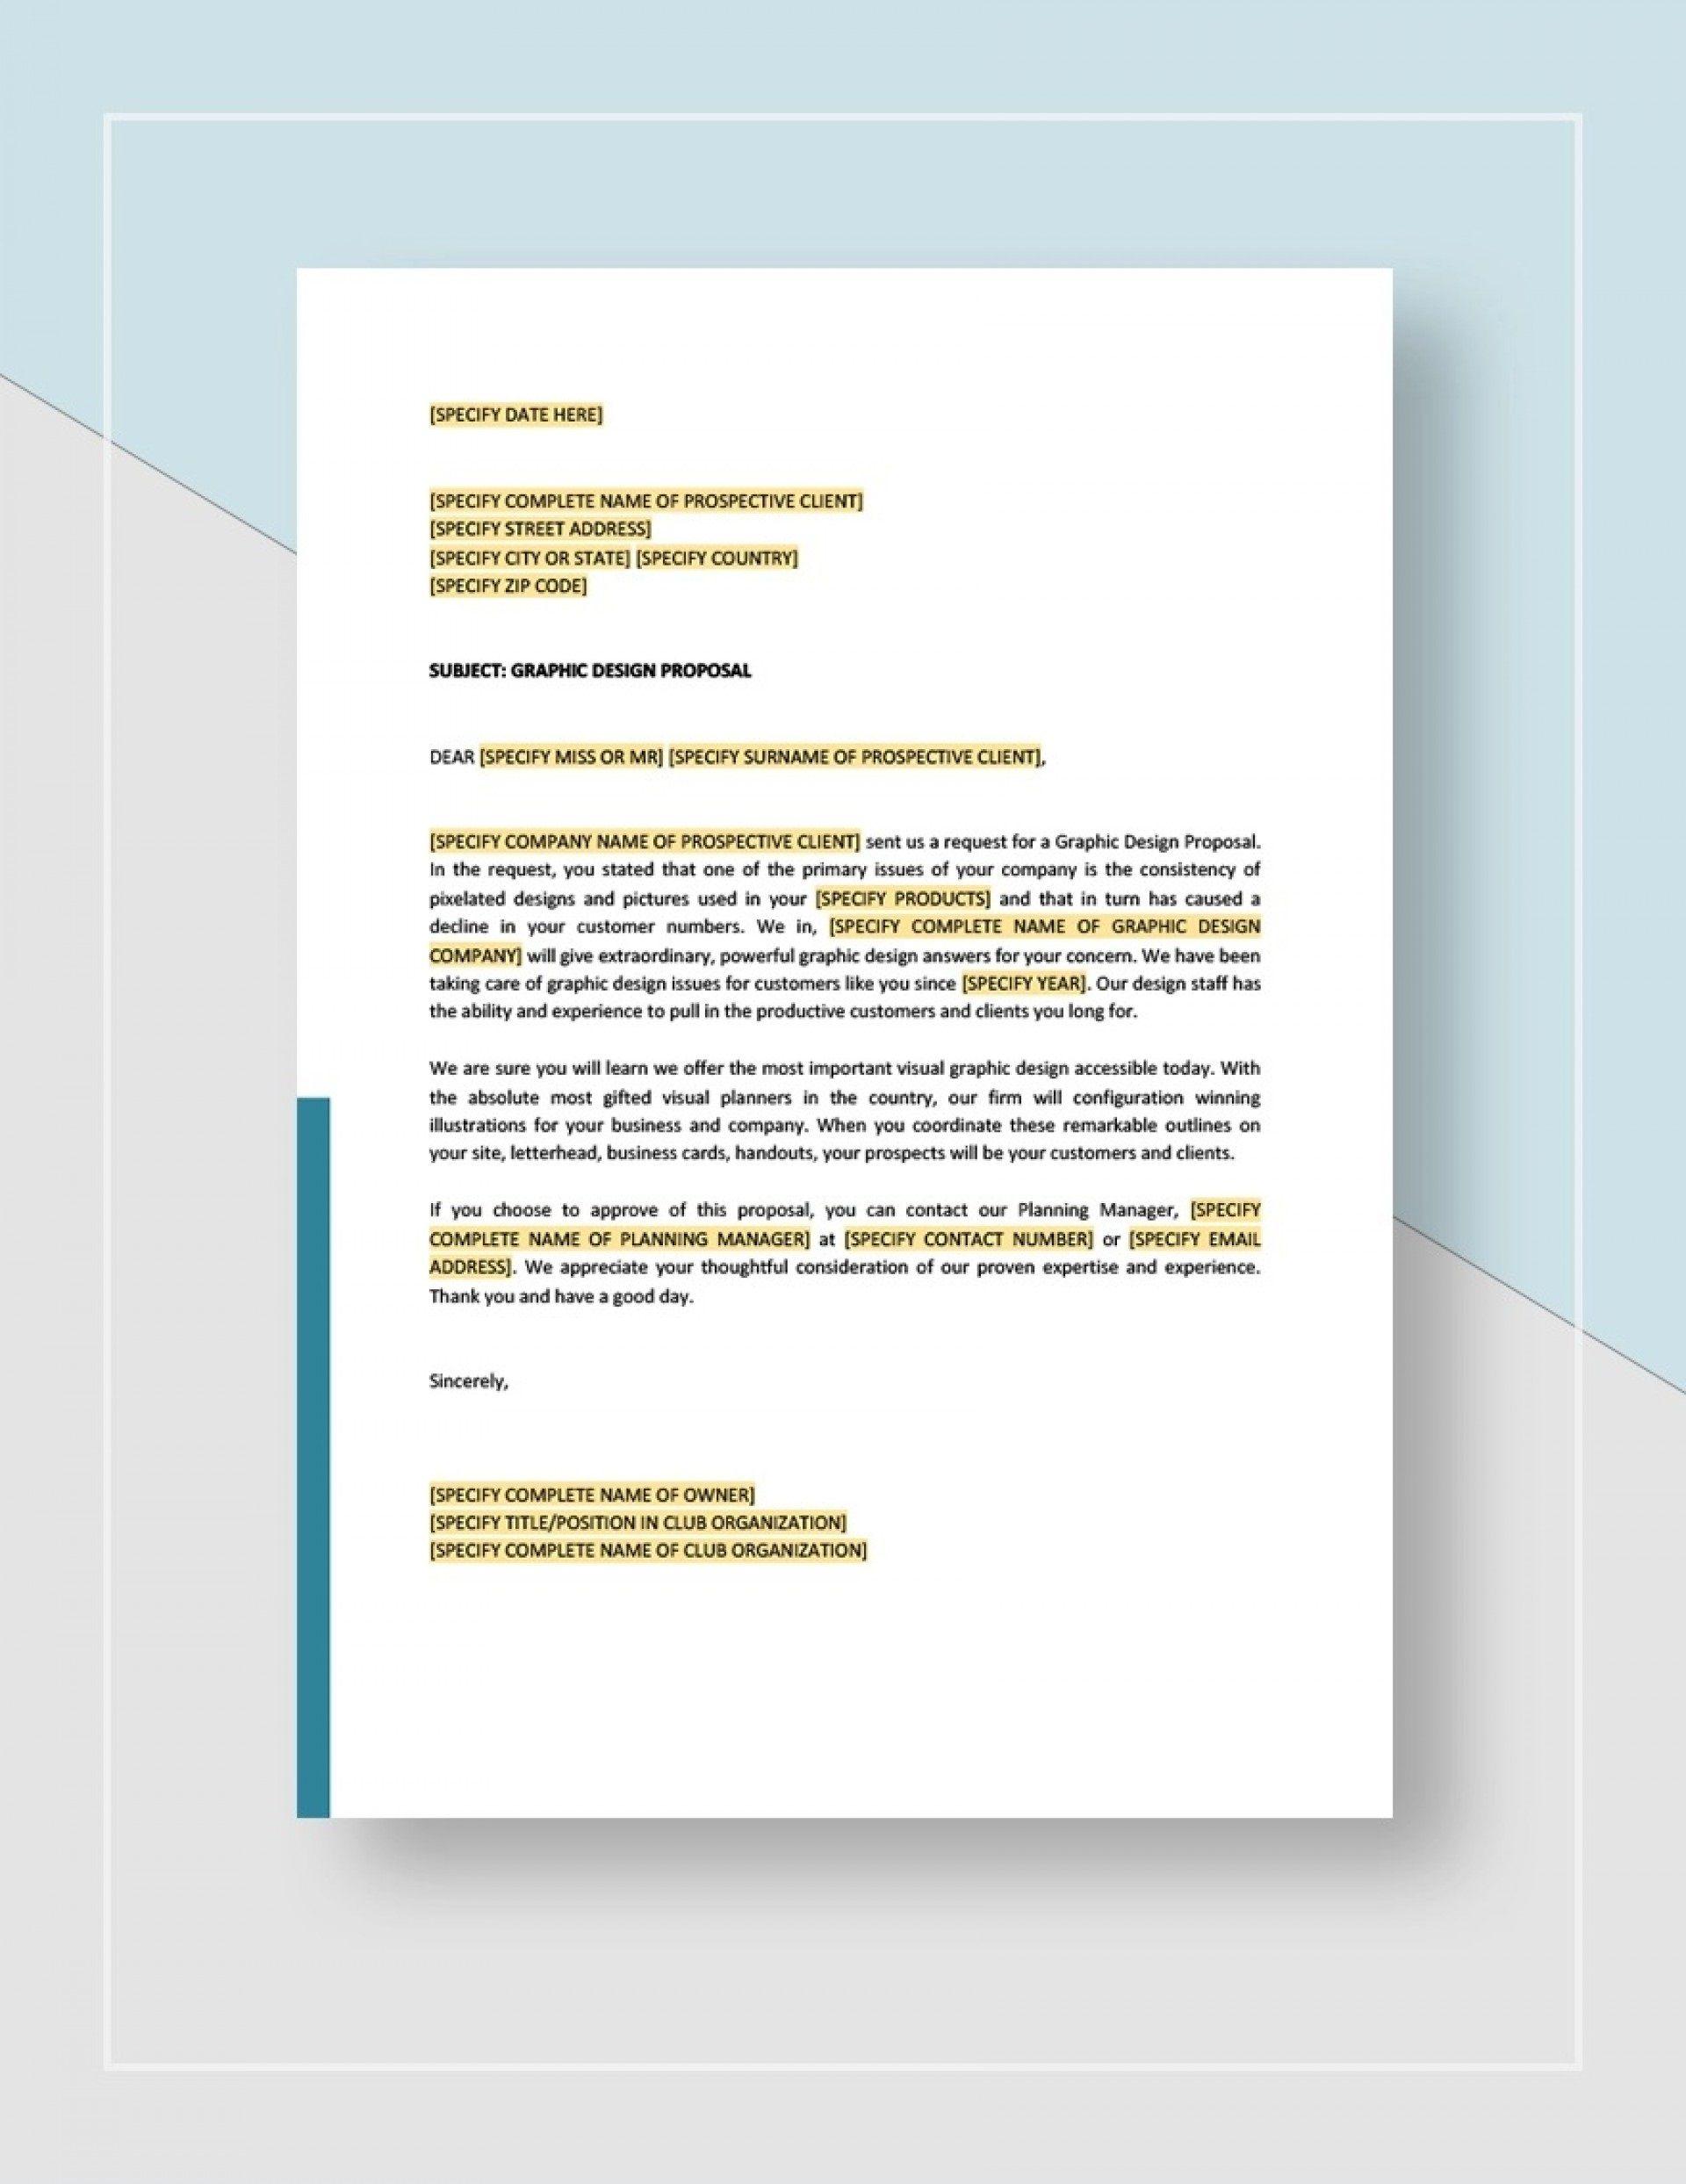 009 Singular Graphic Design Proposal Template Free Example  Freelance Pdf IndesignFull